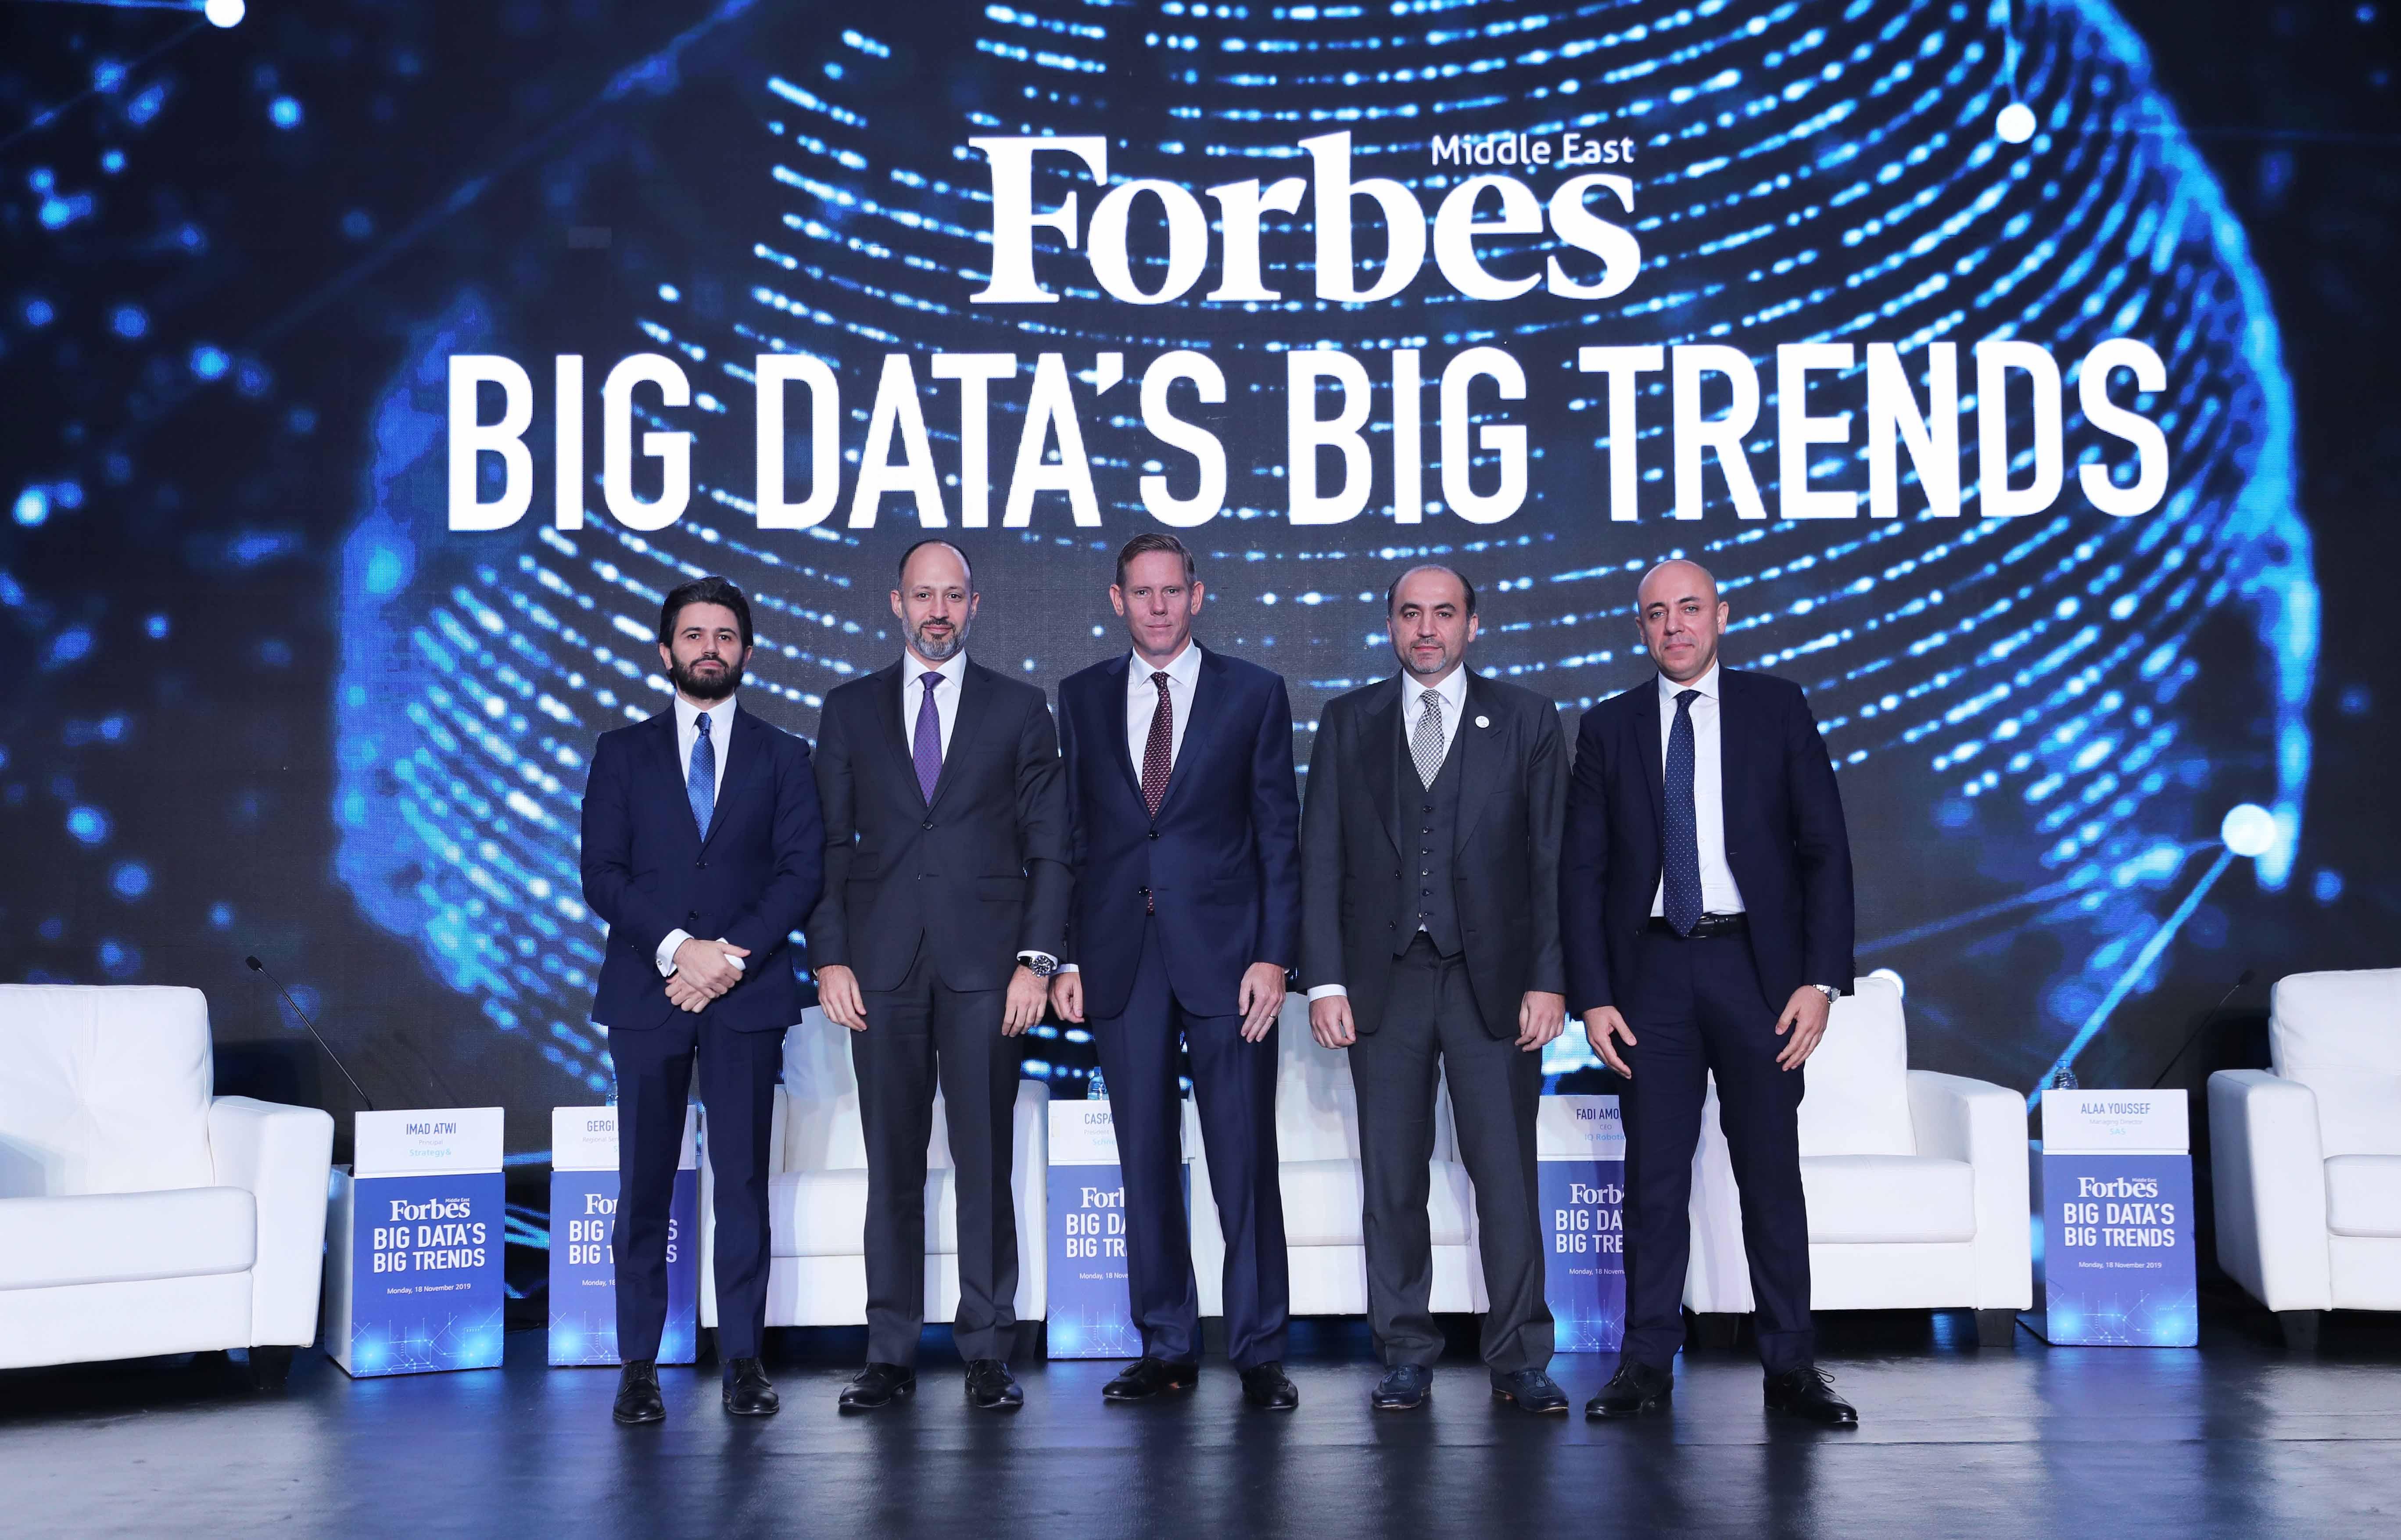 البيانات الضخمة في ندوة فوربس الشرق الأوسط